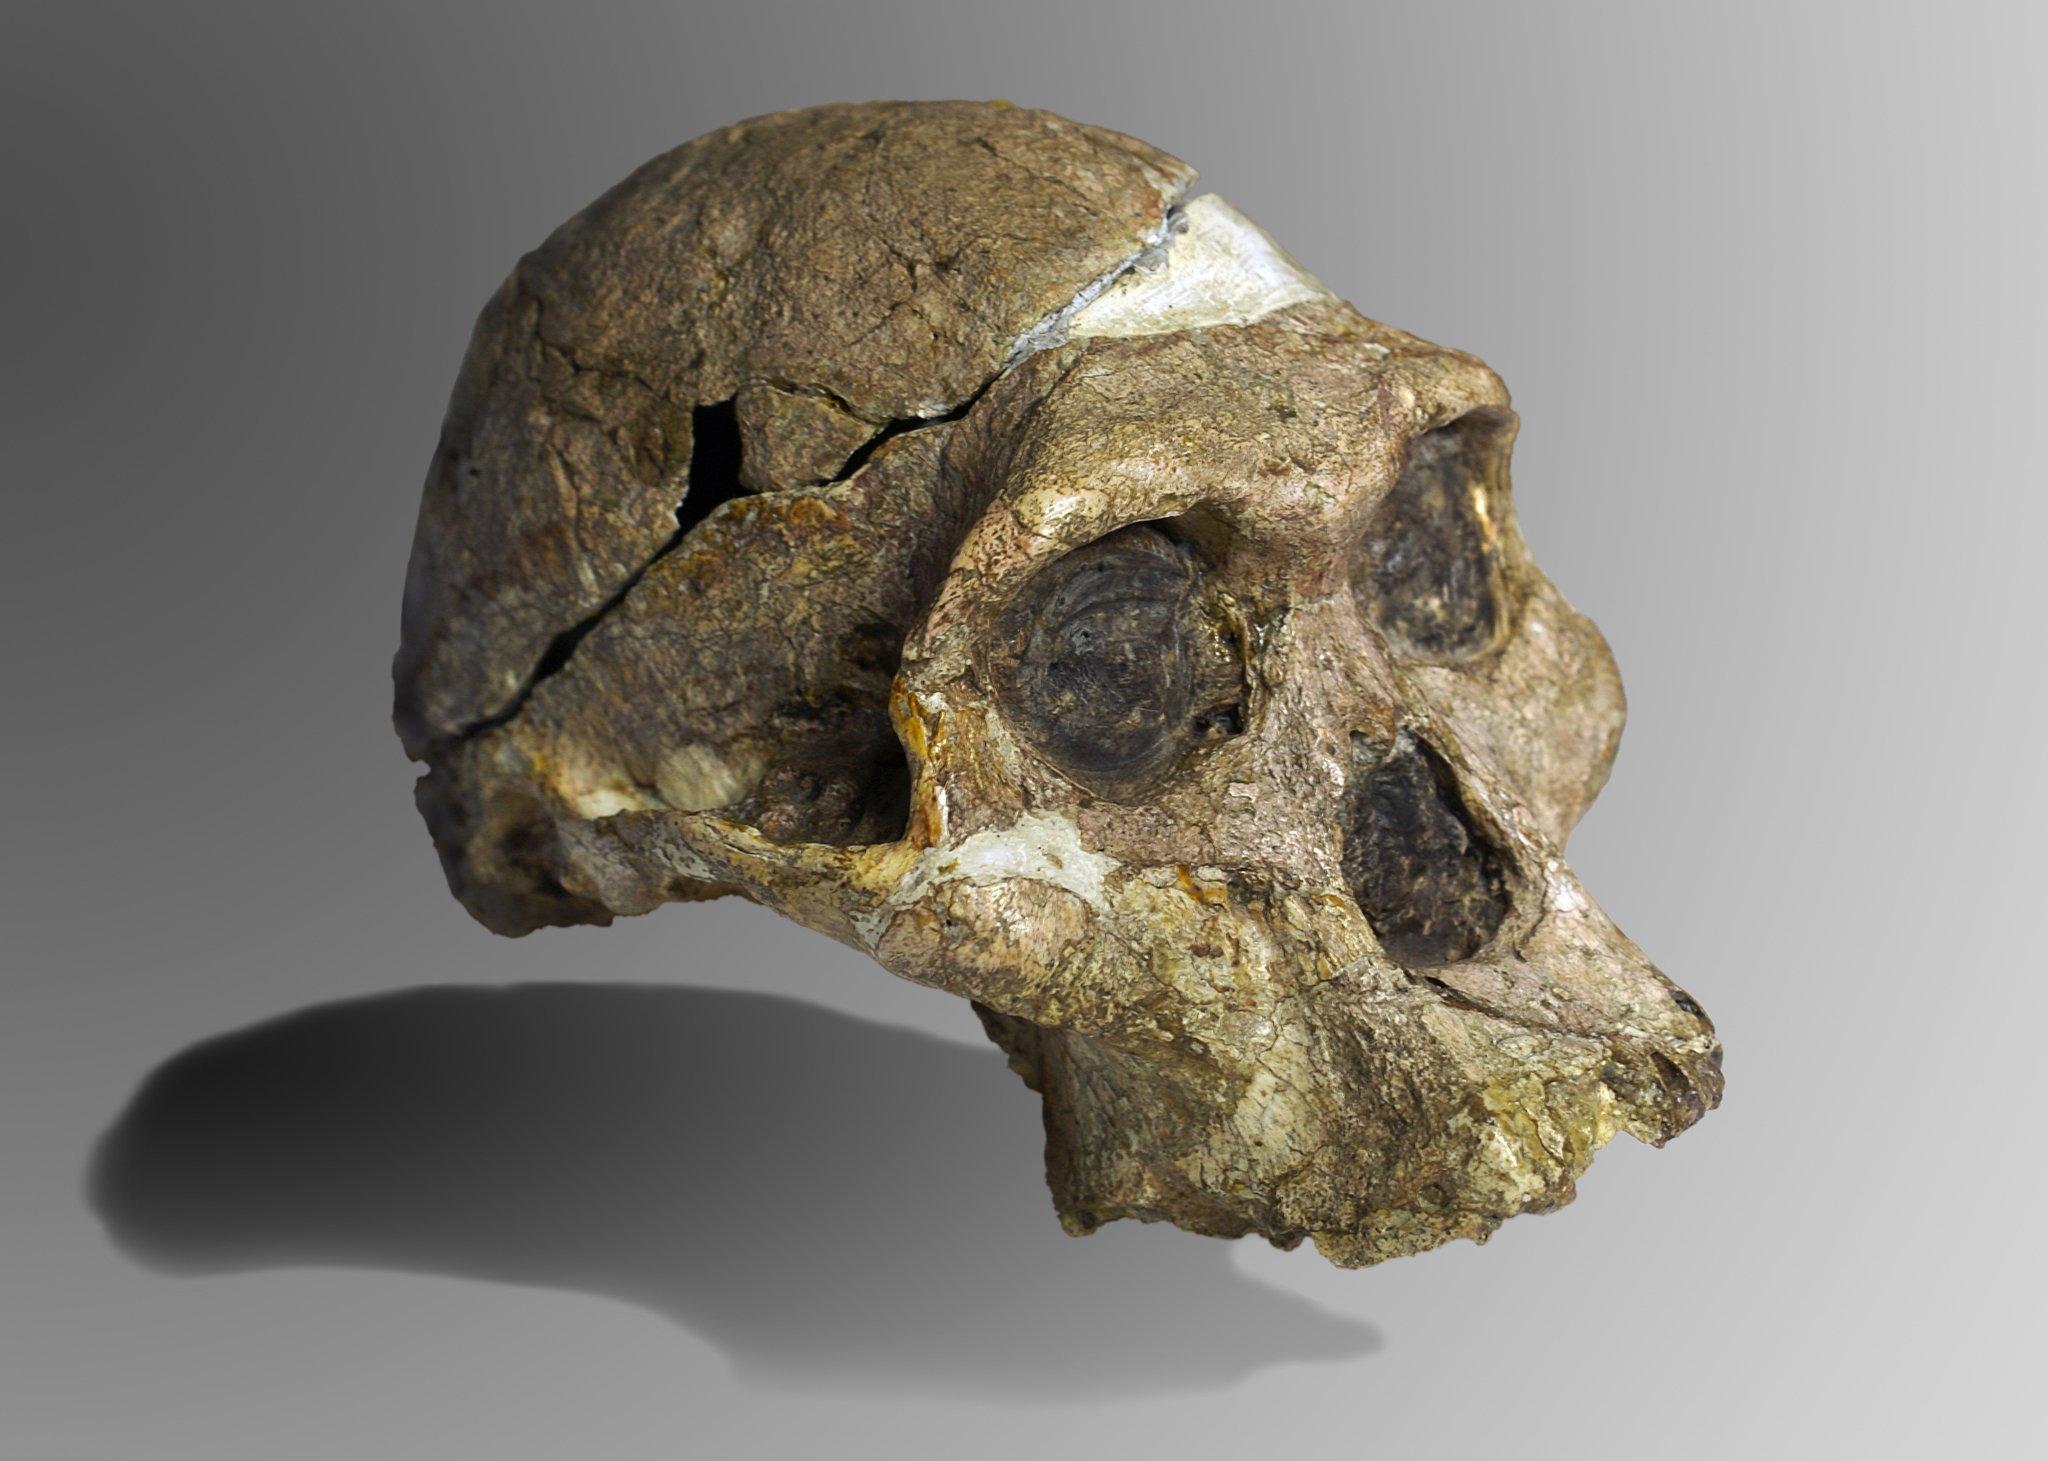 Das Foto zeigt den 1947in Südafrika gefundenen, fossilen Schädel eines Wesens, das als Australopithecus africanus bezeichnet wird. Der Schädel hat mächtige Knochenwülste über den Augen und bietet Raum für ein nur kleines Gehirn. Insgesamt erinnert er deutlich mehr an einen Schimpansen als an einen Menschen. Dennoch können Forschende an Details erkennen, dass Australopithecus den aufrechten Gang beherrschte. Mit dem Wesen war ein Bindeglied zwischen Mensch und Affe gefunden worden, das Darwins Theorie von der Evolution bestätigte.